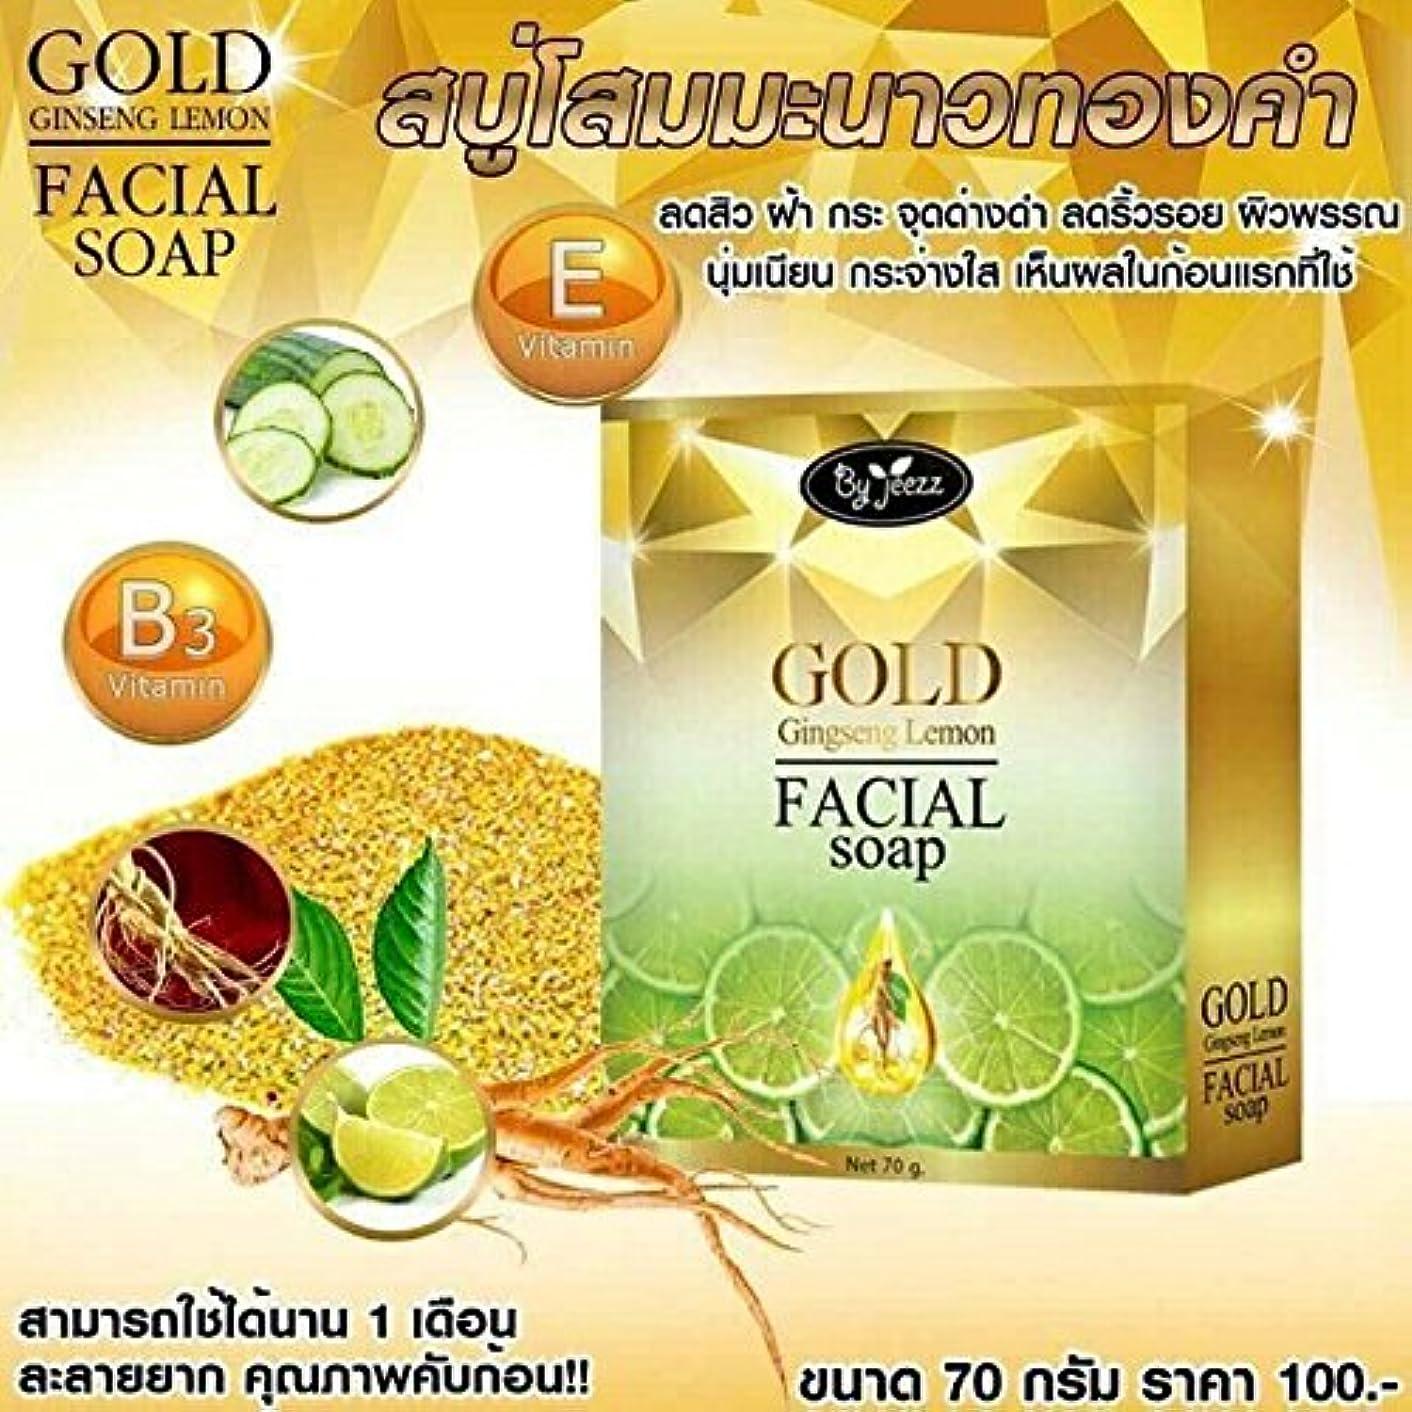 運動する証明するパレード1 X Natural Herbal Whitening Soap. Ginseng Lemon Soap (Gold Ginseng Lemon Facial Soap by jeezz) 70 g. Free shipping